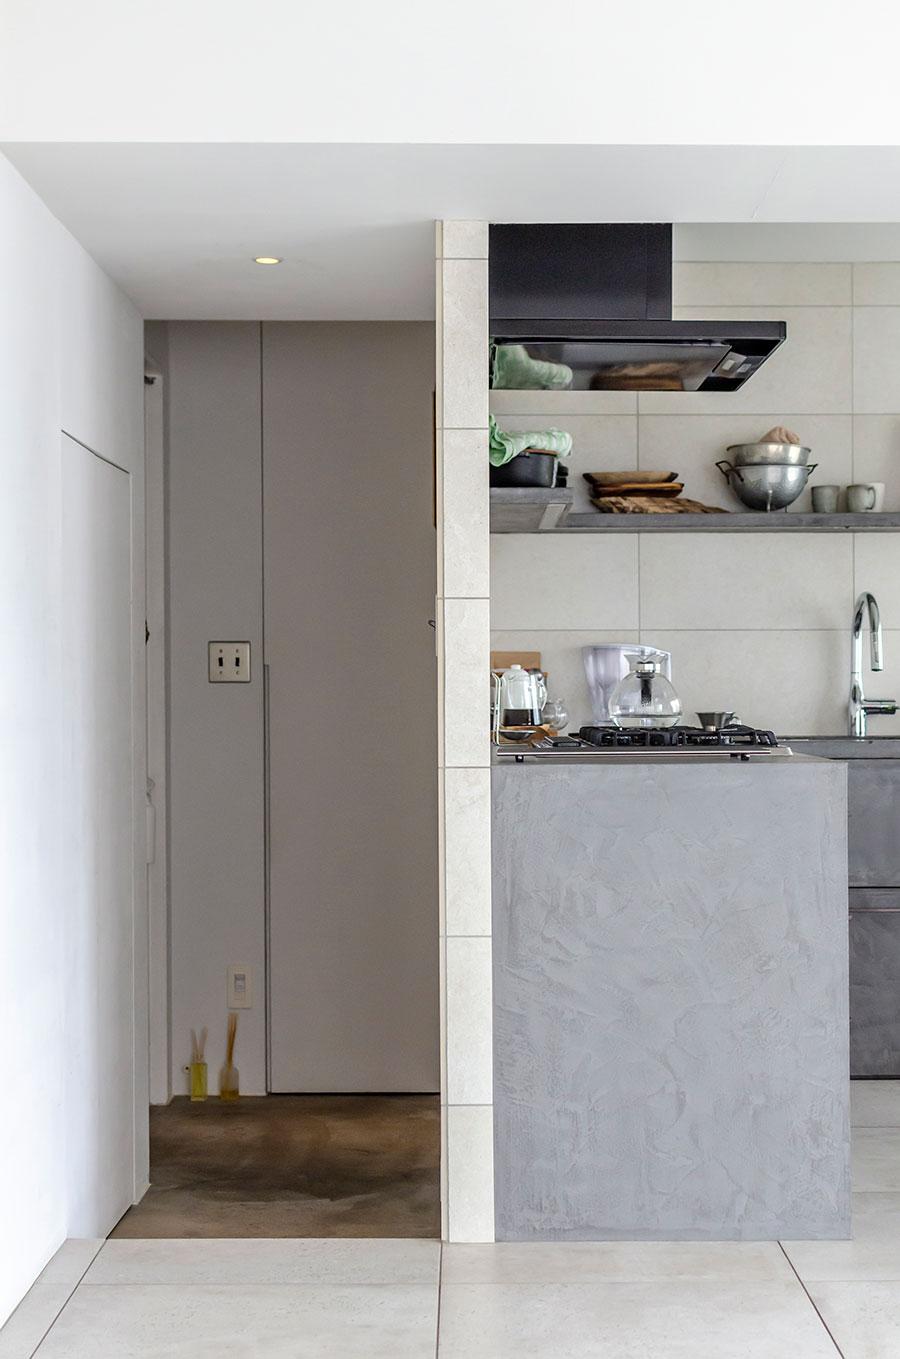 壁を挟んで、キッチンの隣に玄関。